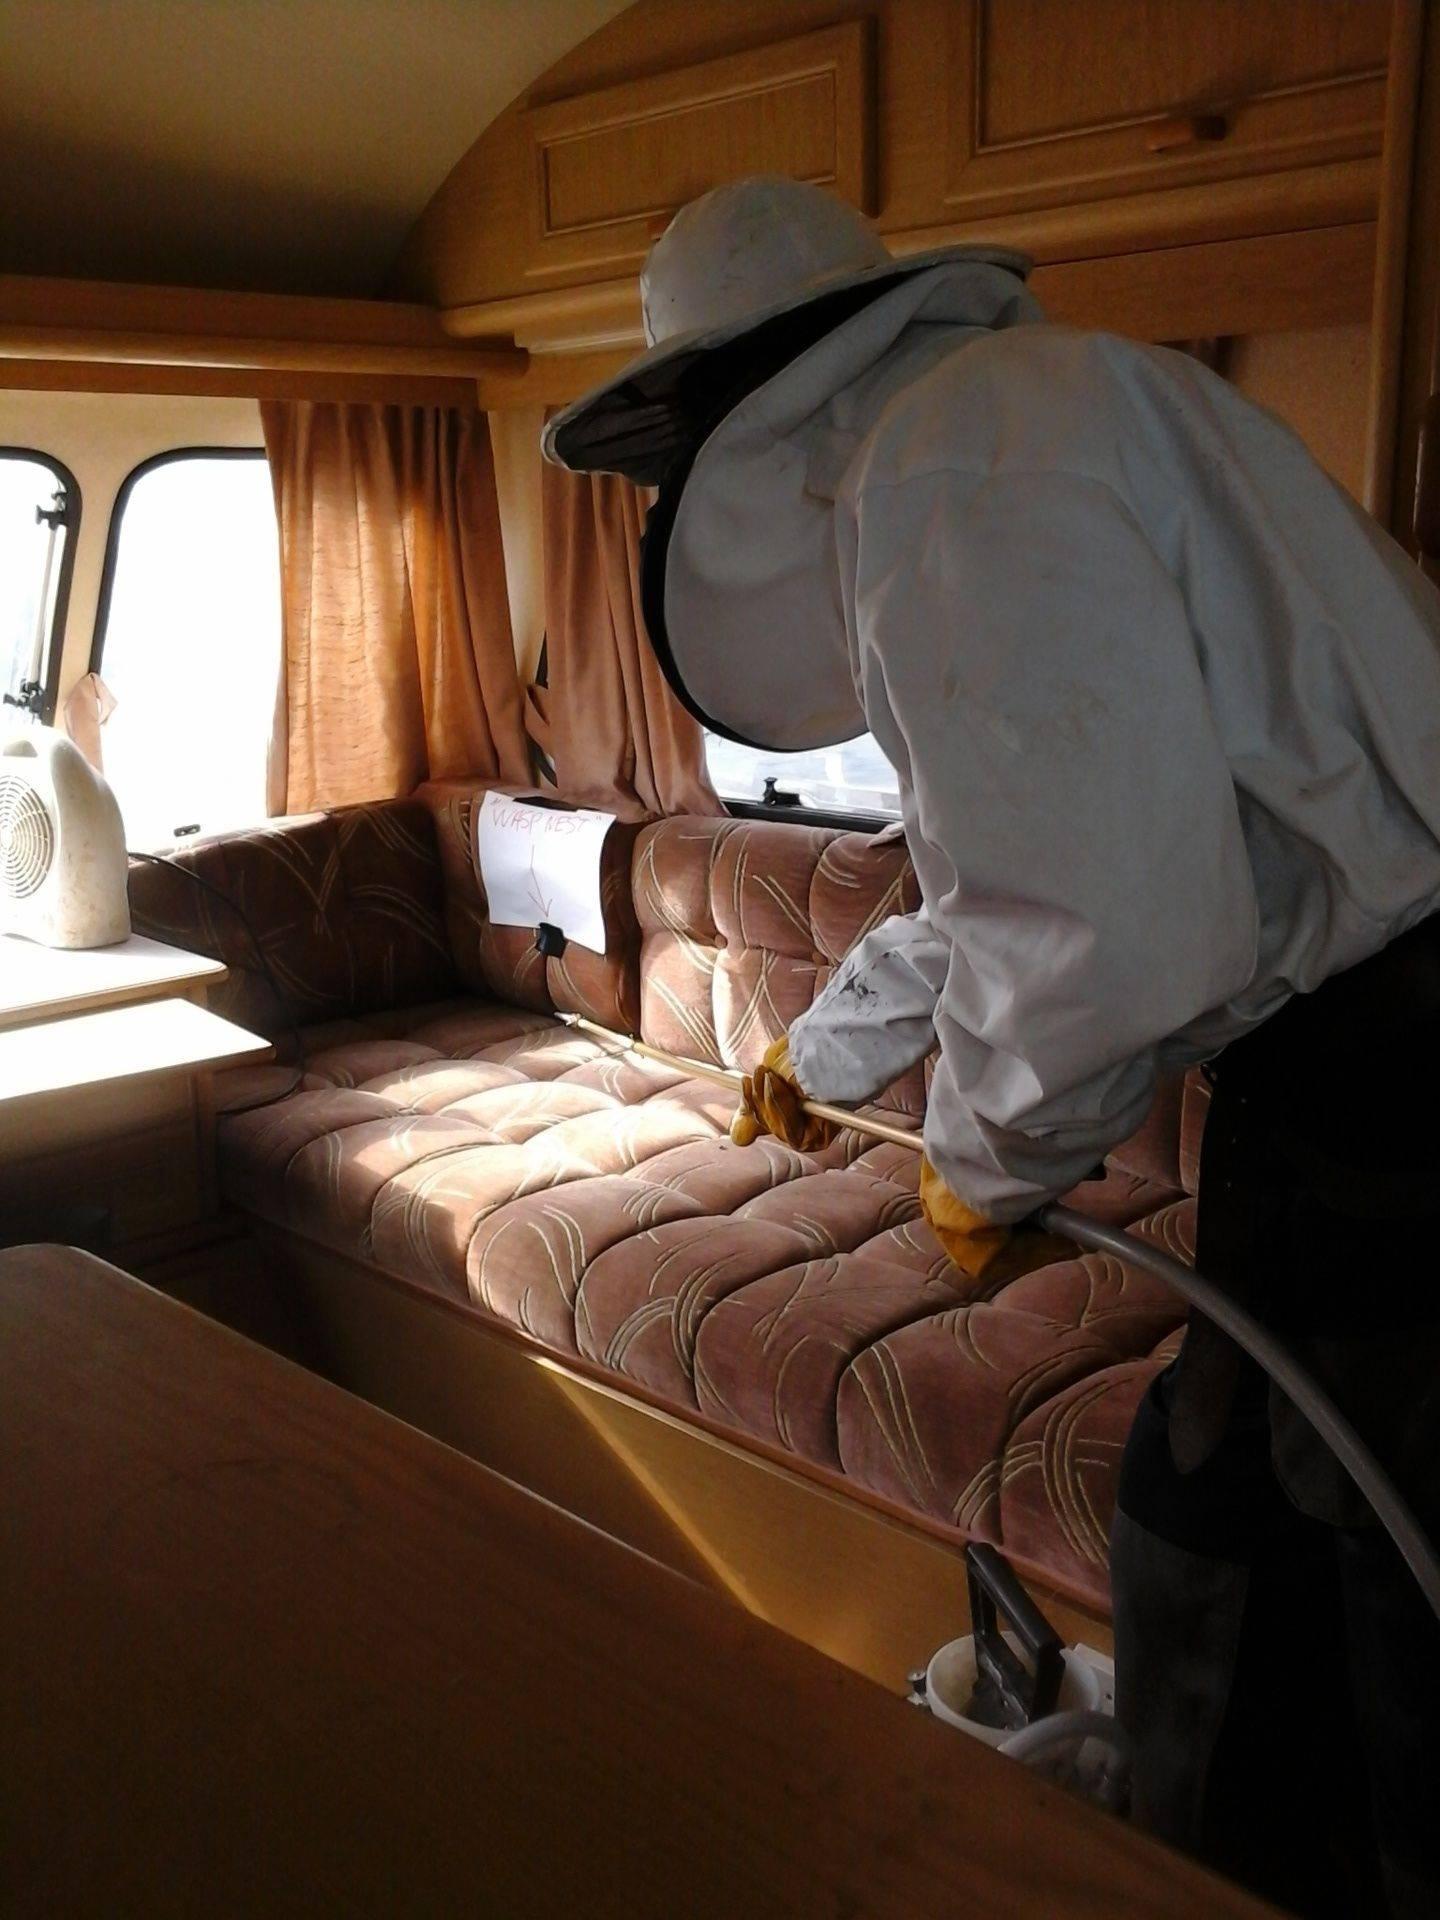 wasp nest under seats ipswich